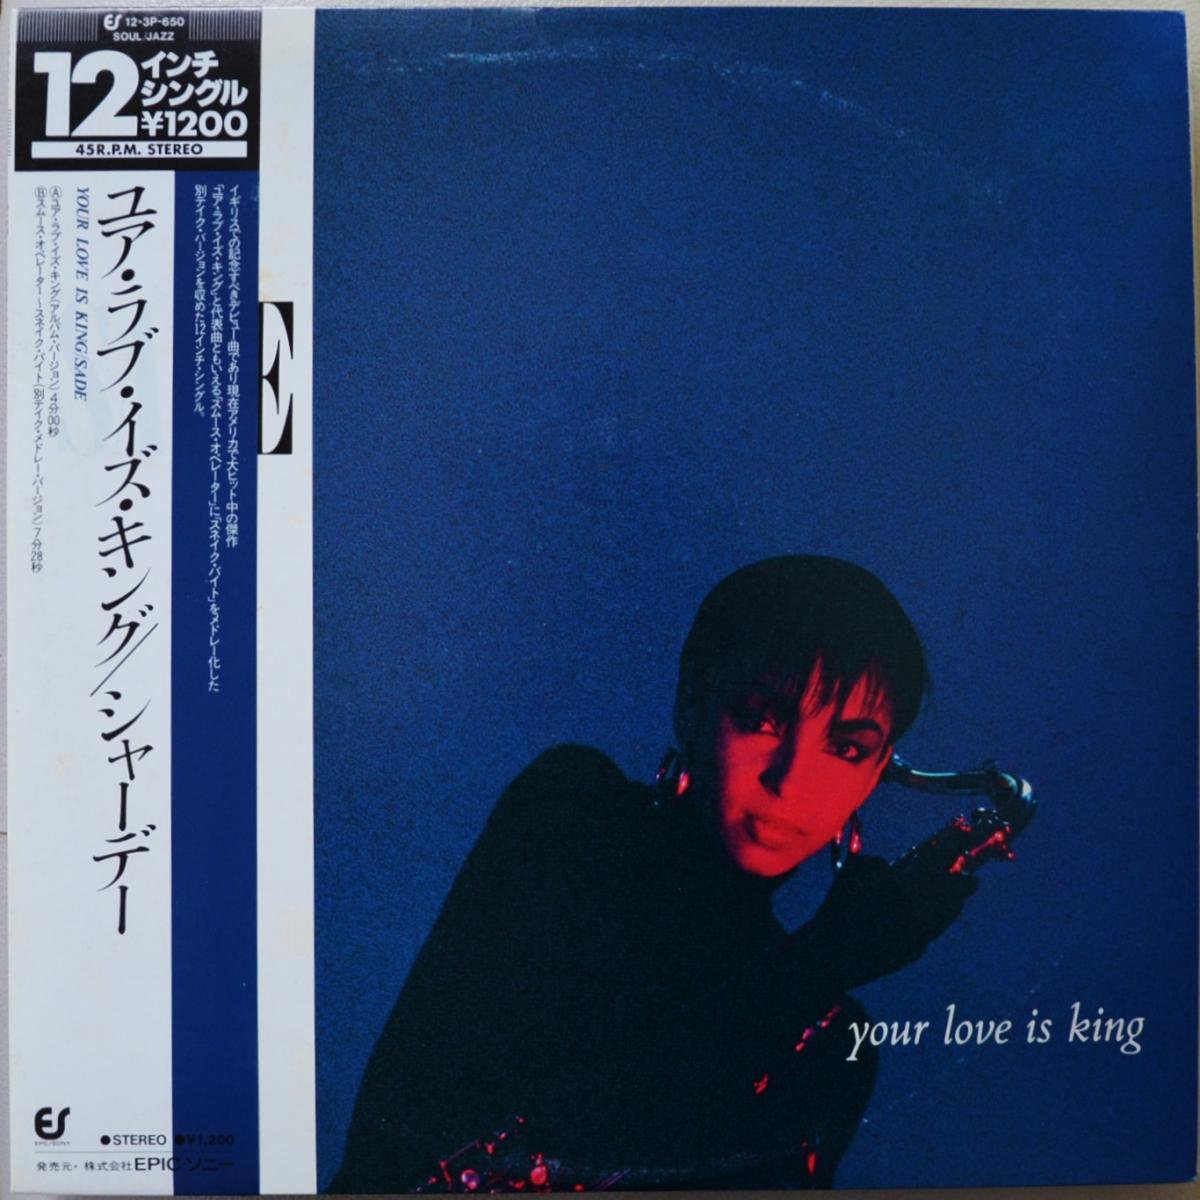 シャーデー SADE / ユア・ラブ・イズ・キング YOUR LOVE IS KING (12